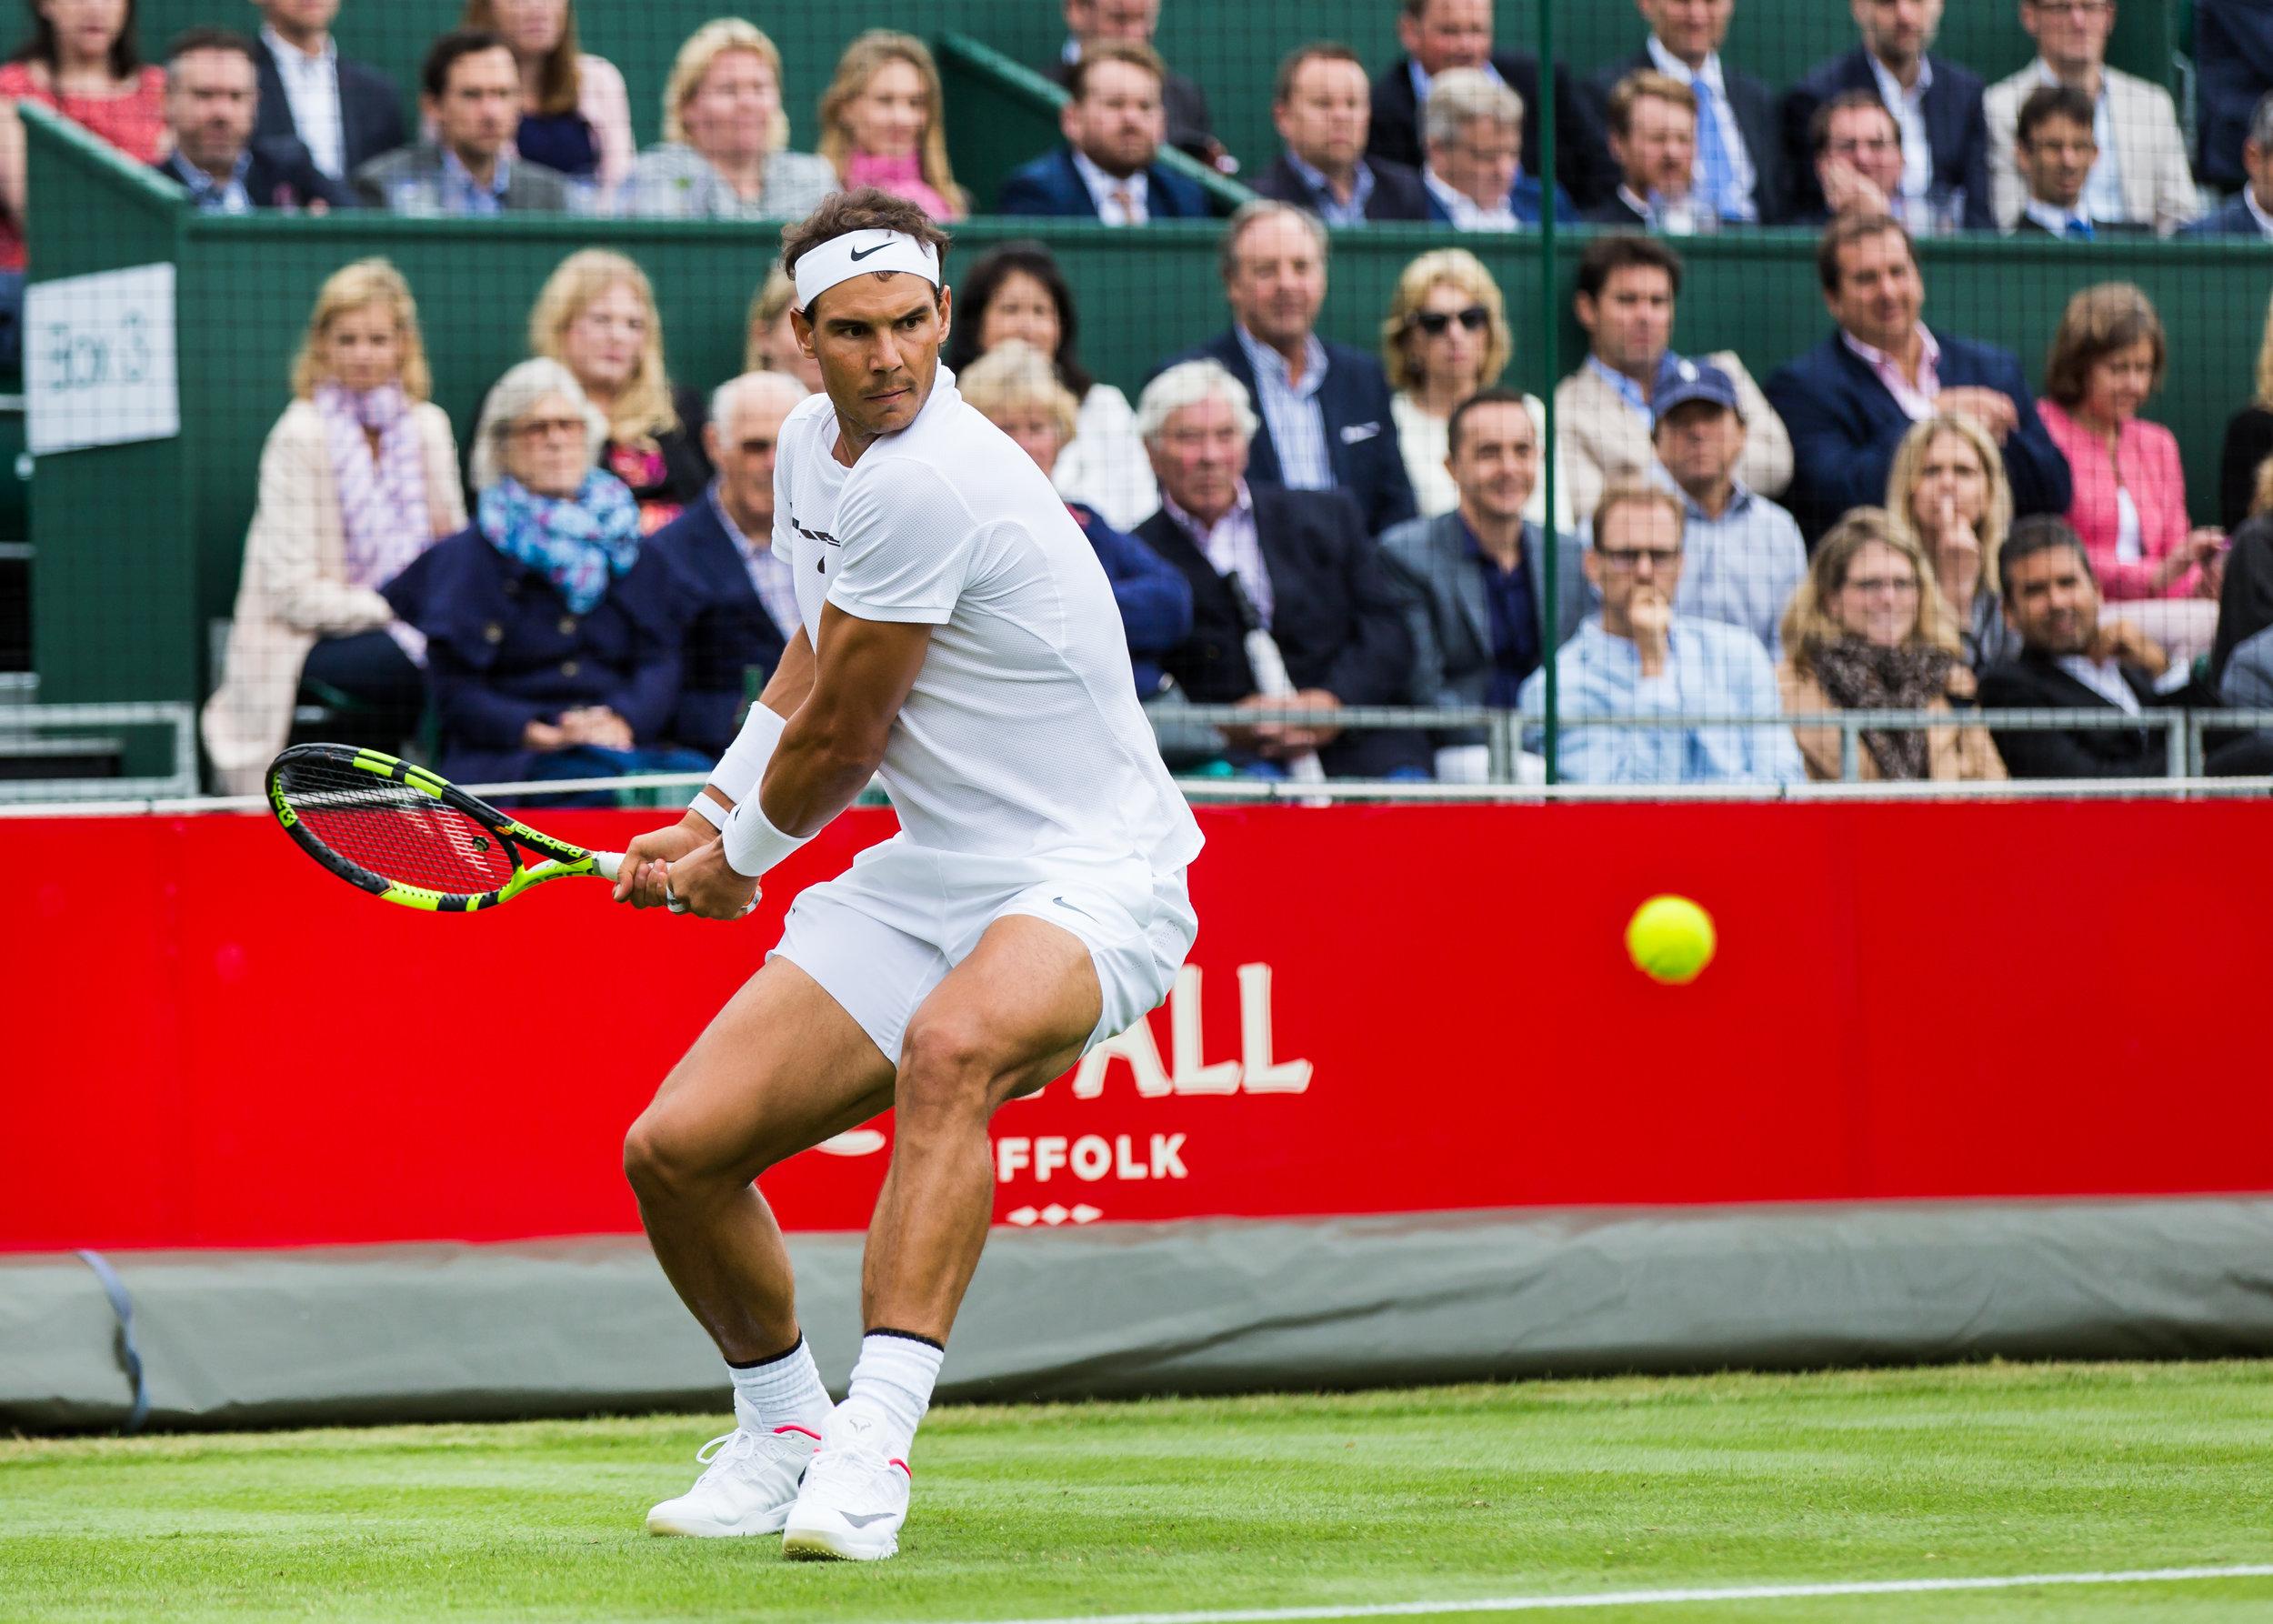 TDM_7996-Edit - Aspall Tennis 2017 - Hurlingham Club - - IMG - Tom D Morgan - HIGH RES.jpg